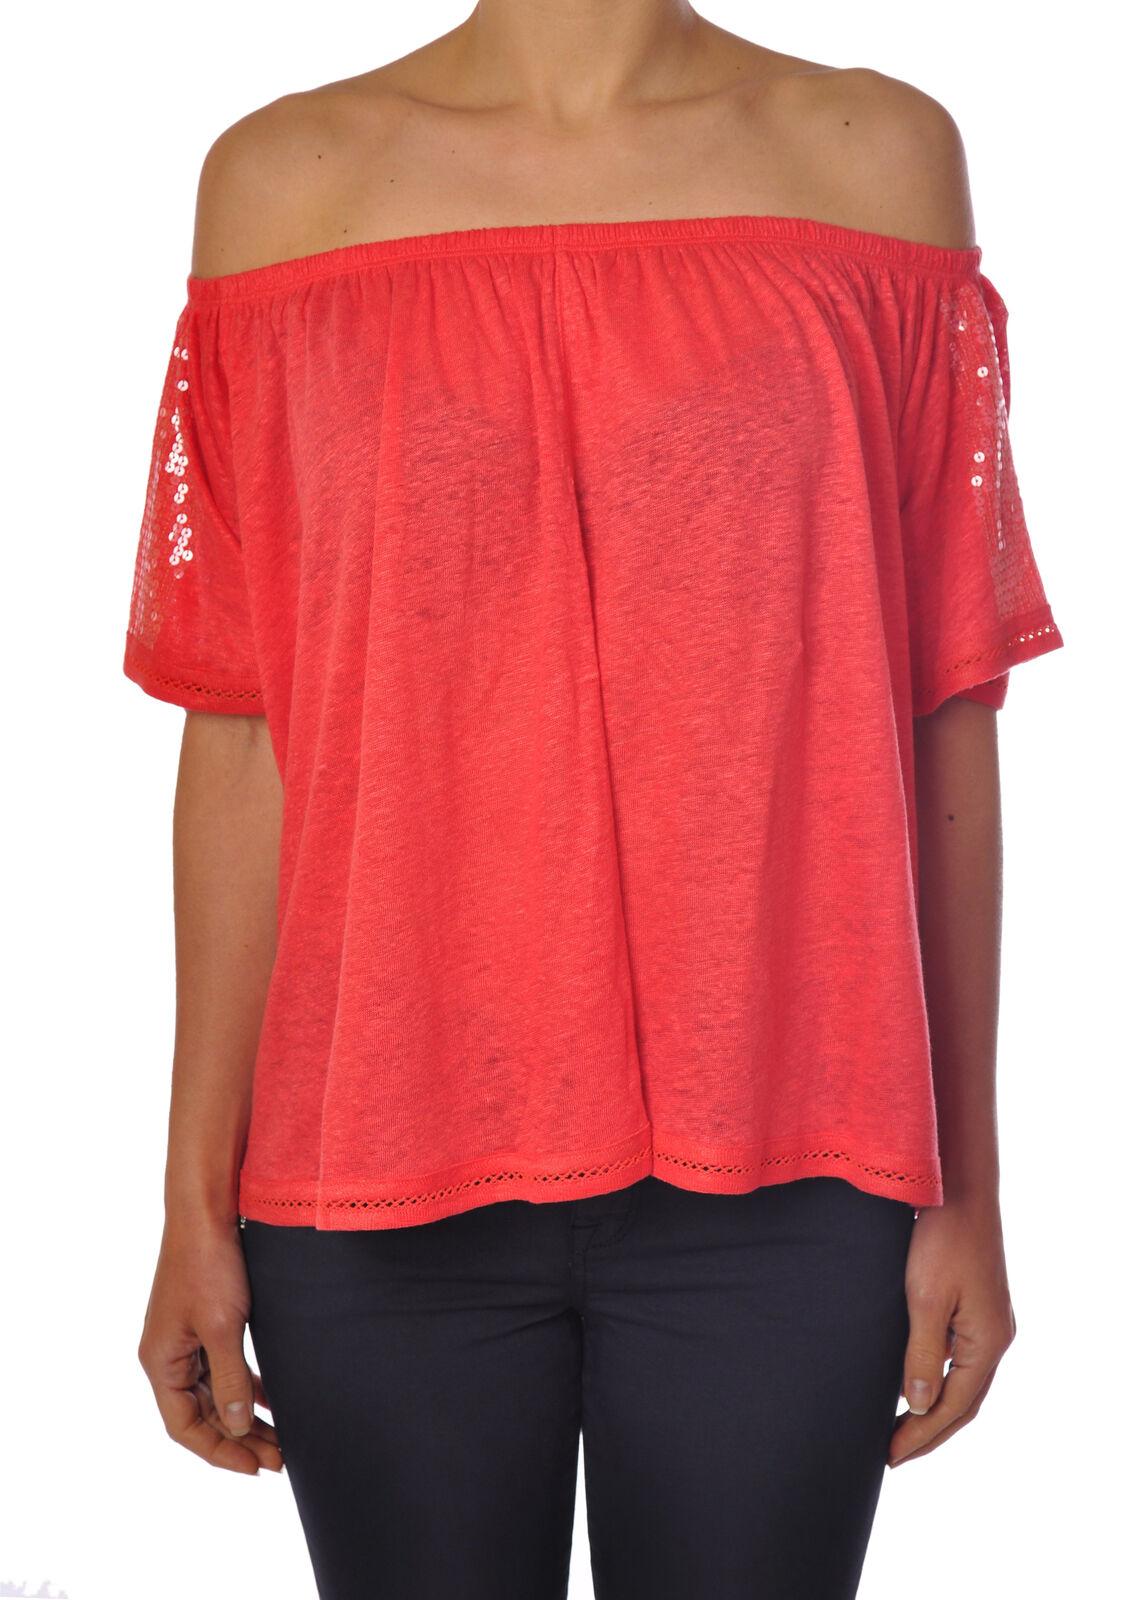 Patrizia Pepe  -  Sweaters - Female - Orange - 1981812A183952